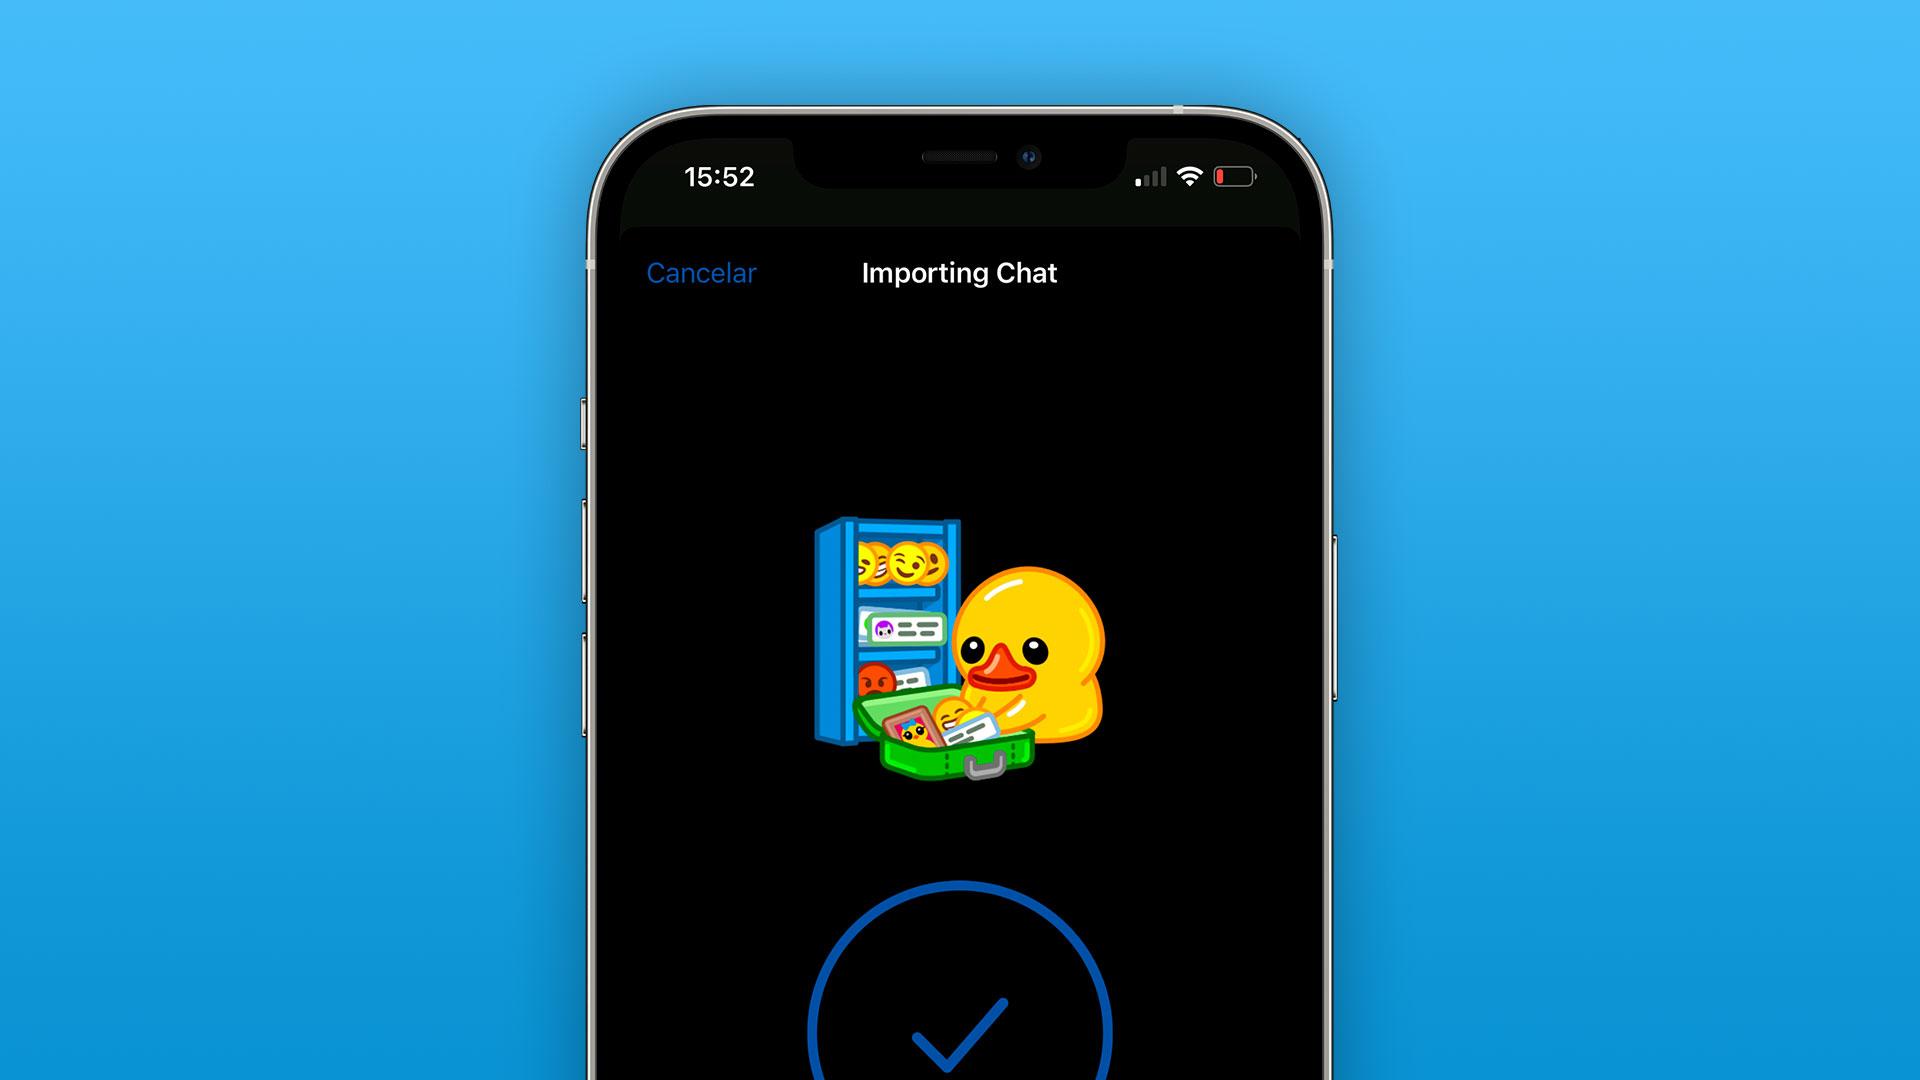 انضمام 70 مليون مستخدم جديد لمنصة تليجرام خلال فترة تعطل الواتساب